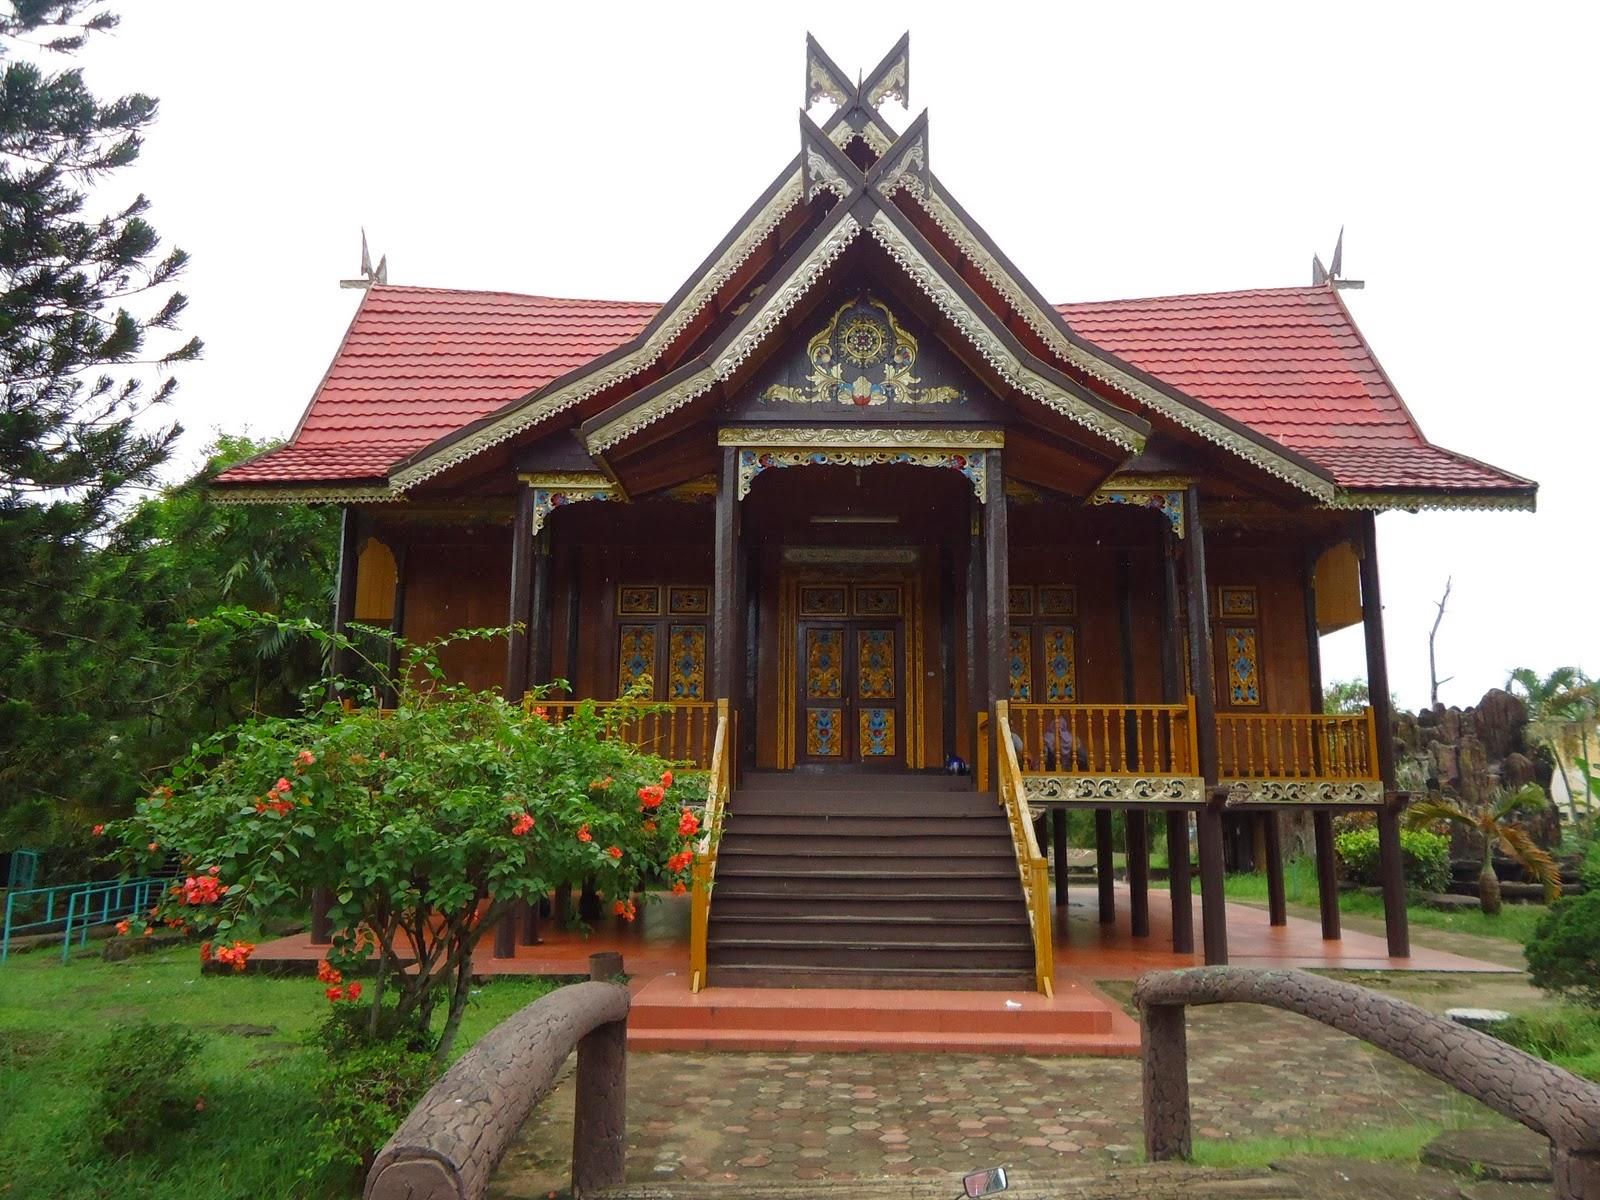 Gambar Rumah Adat Di Indonesia